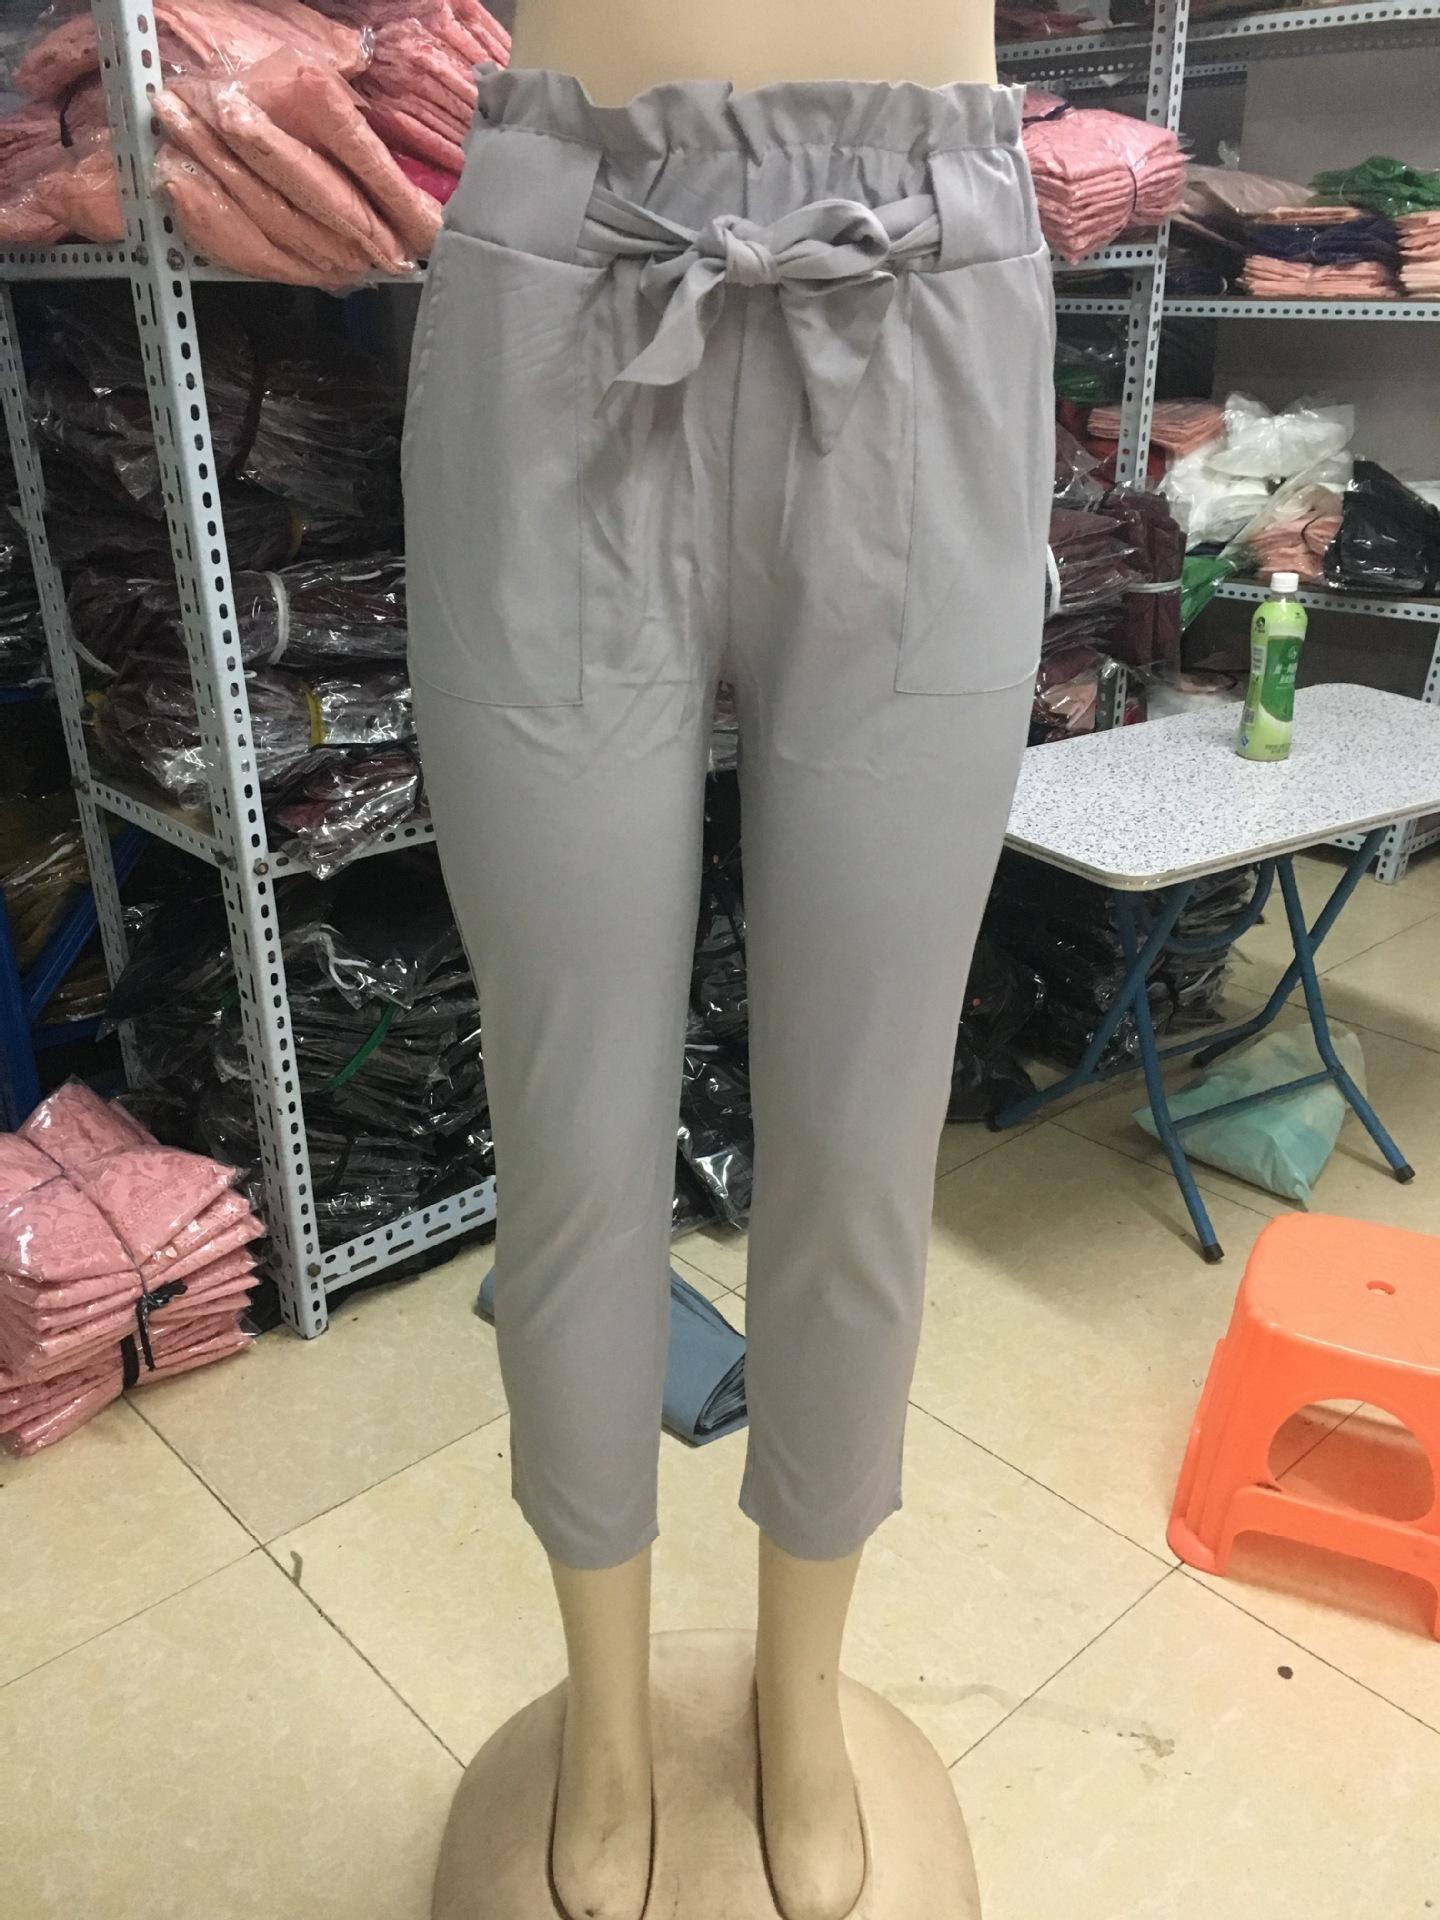 HTB17xkyOFXXXXcyXVXXq6xXFXXXw - Fashion Ruffle Waist Pencil Pants with Belt PTC 142